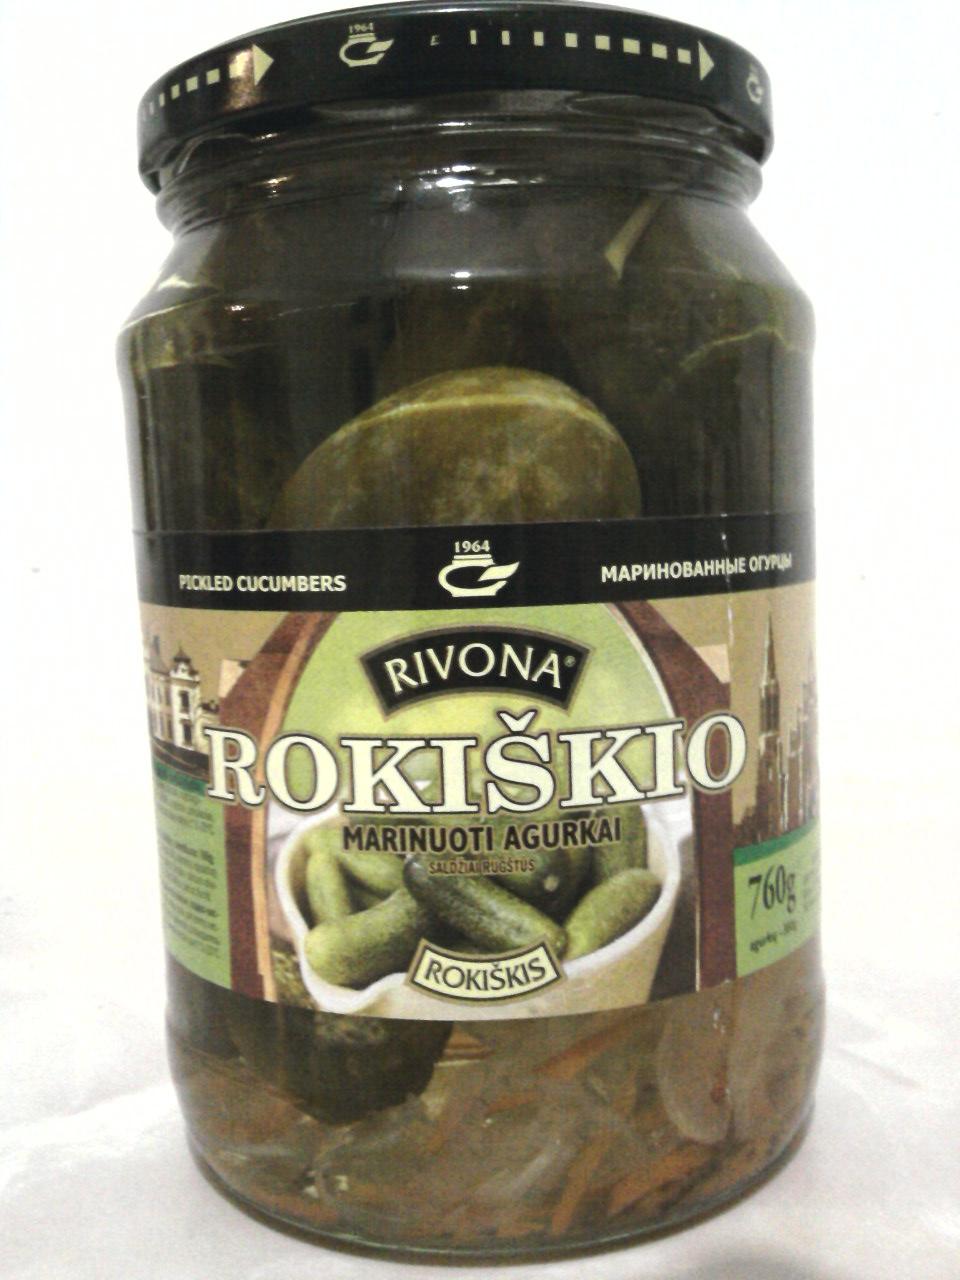 Rivona Rokiškio Marinuoti Agurkai Pickled Cucumbers jar